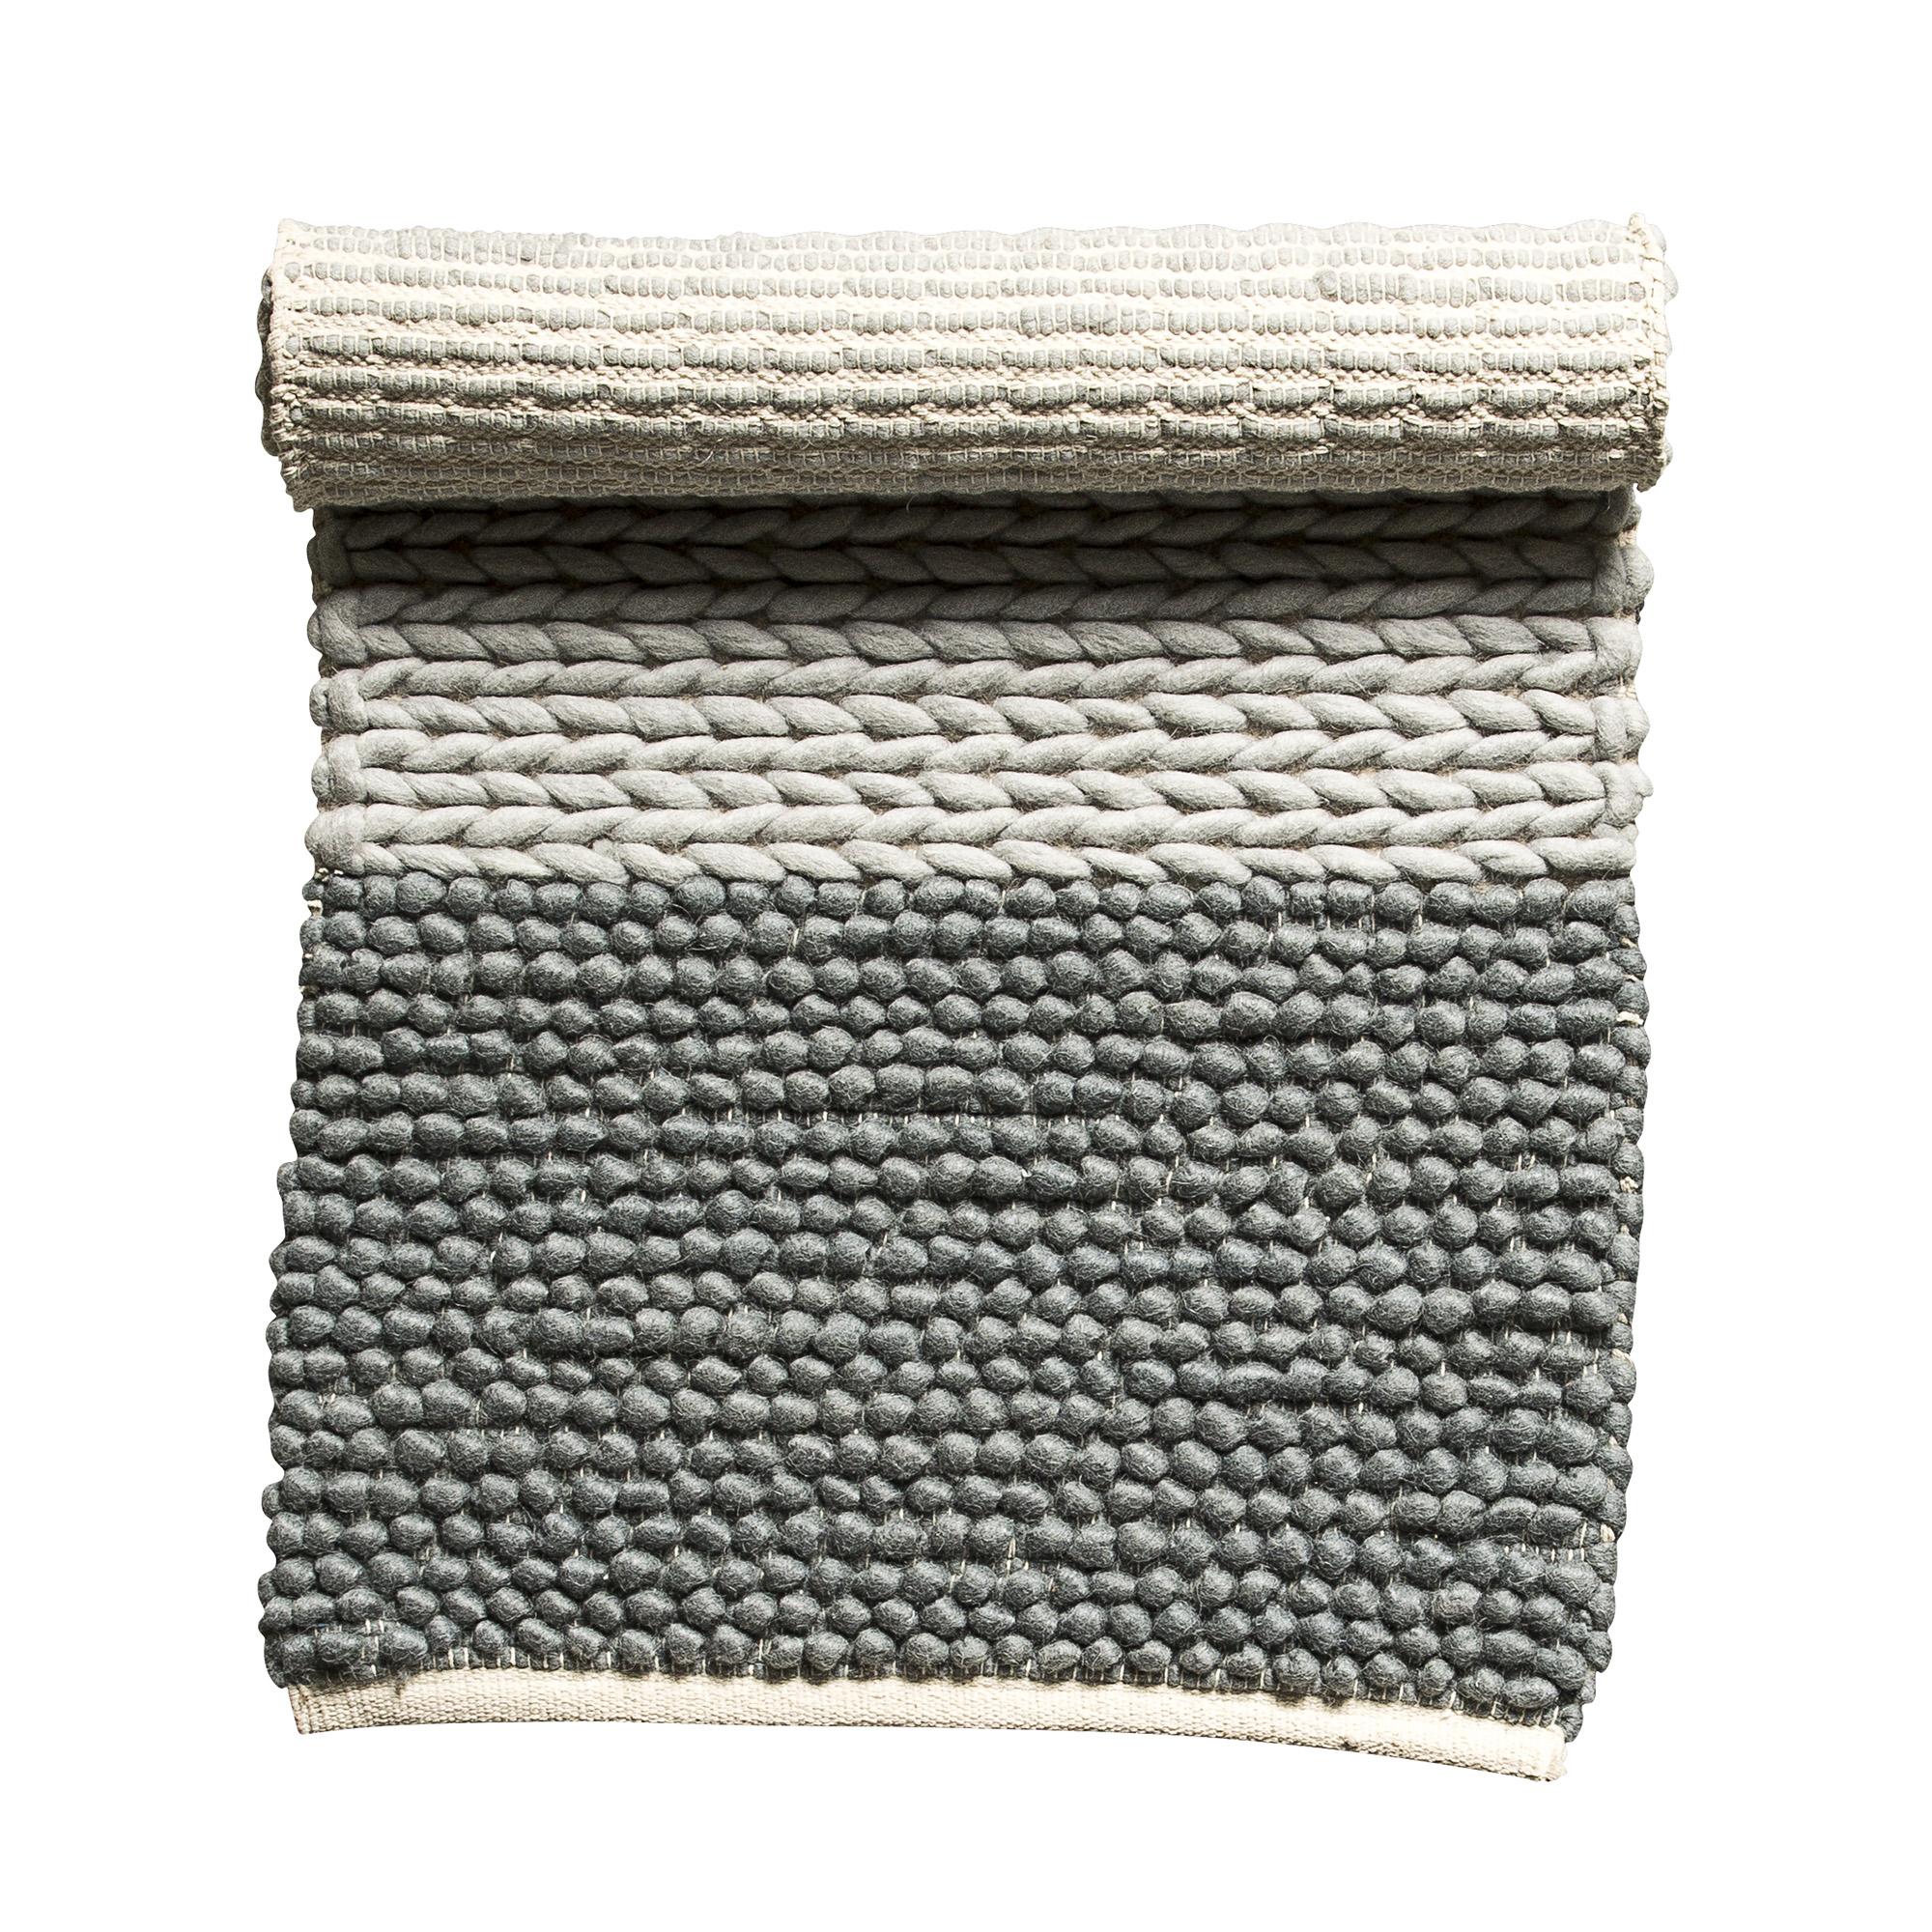 Купить Ковер Rope Grey серого цвета 120х60 см, inmyroom, Дания